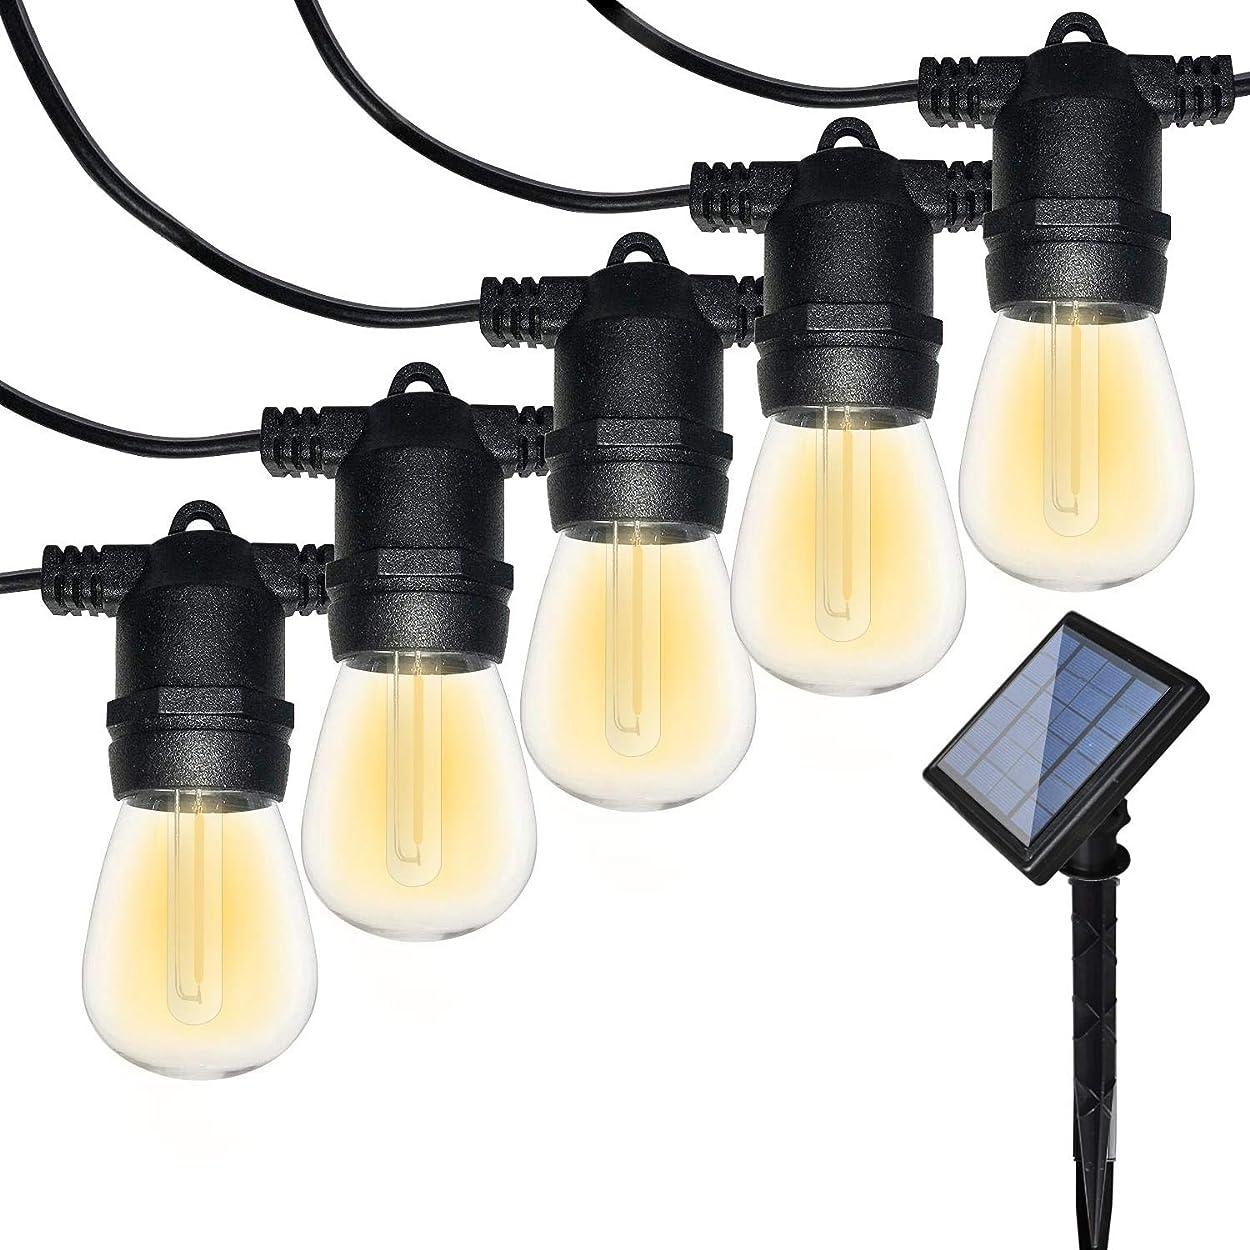 蘇生する変動する現実的Bomcosy ソーラー LEDストリングライト イルミネーションライト ソーラー充電式 12led電球 7.6mワイヤーライト 防雨型 屋外 IP65防水 電飾 飾り パーティー 屋外 室内 結婚式対応 連結不可